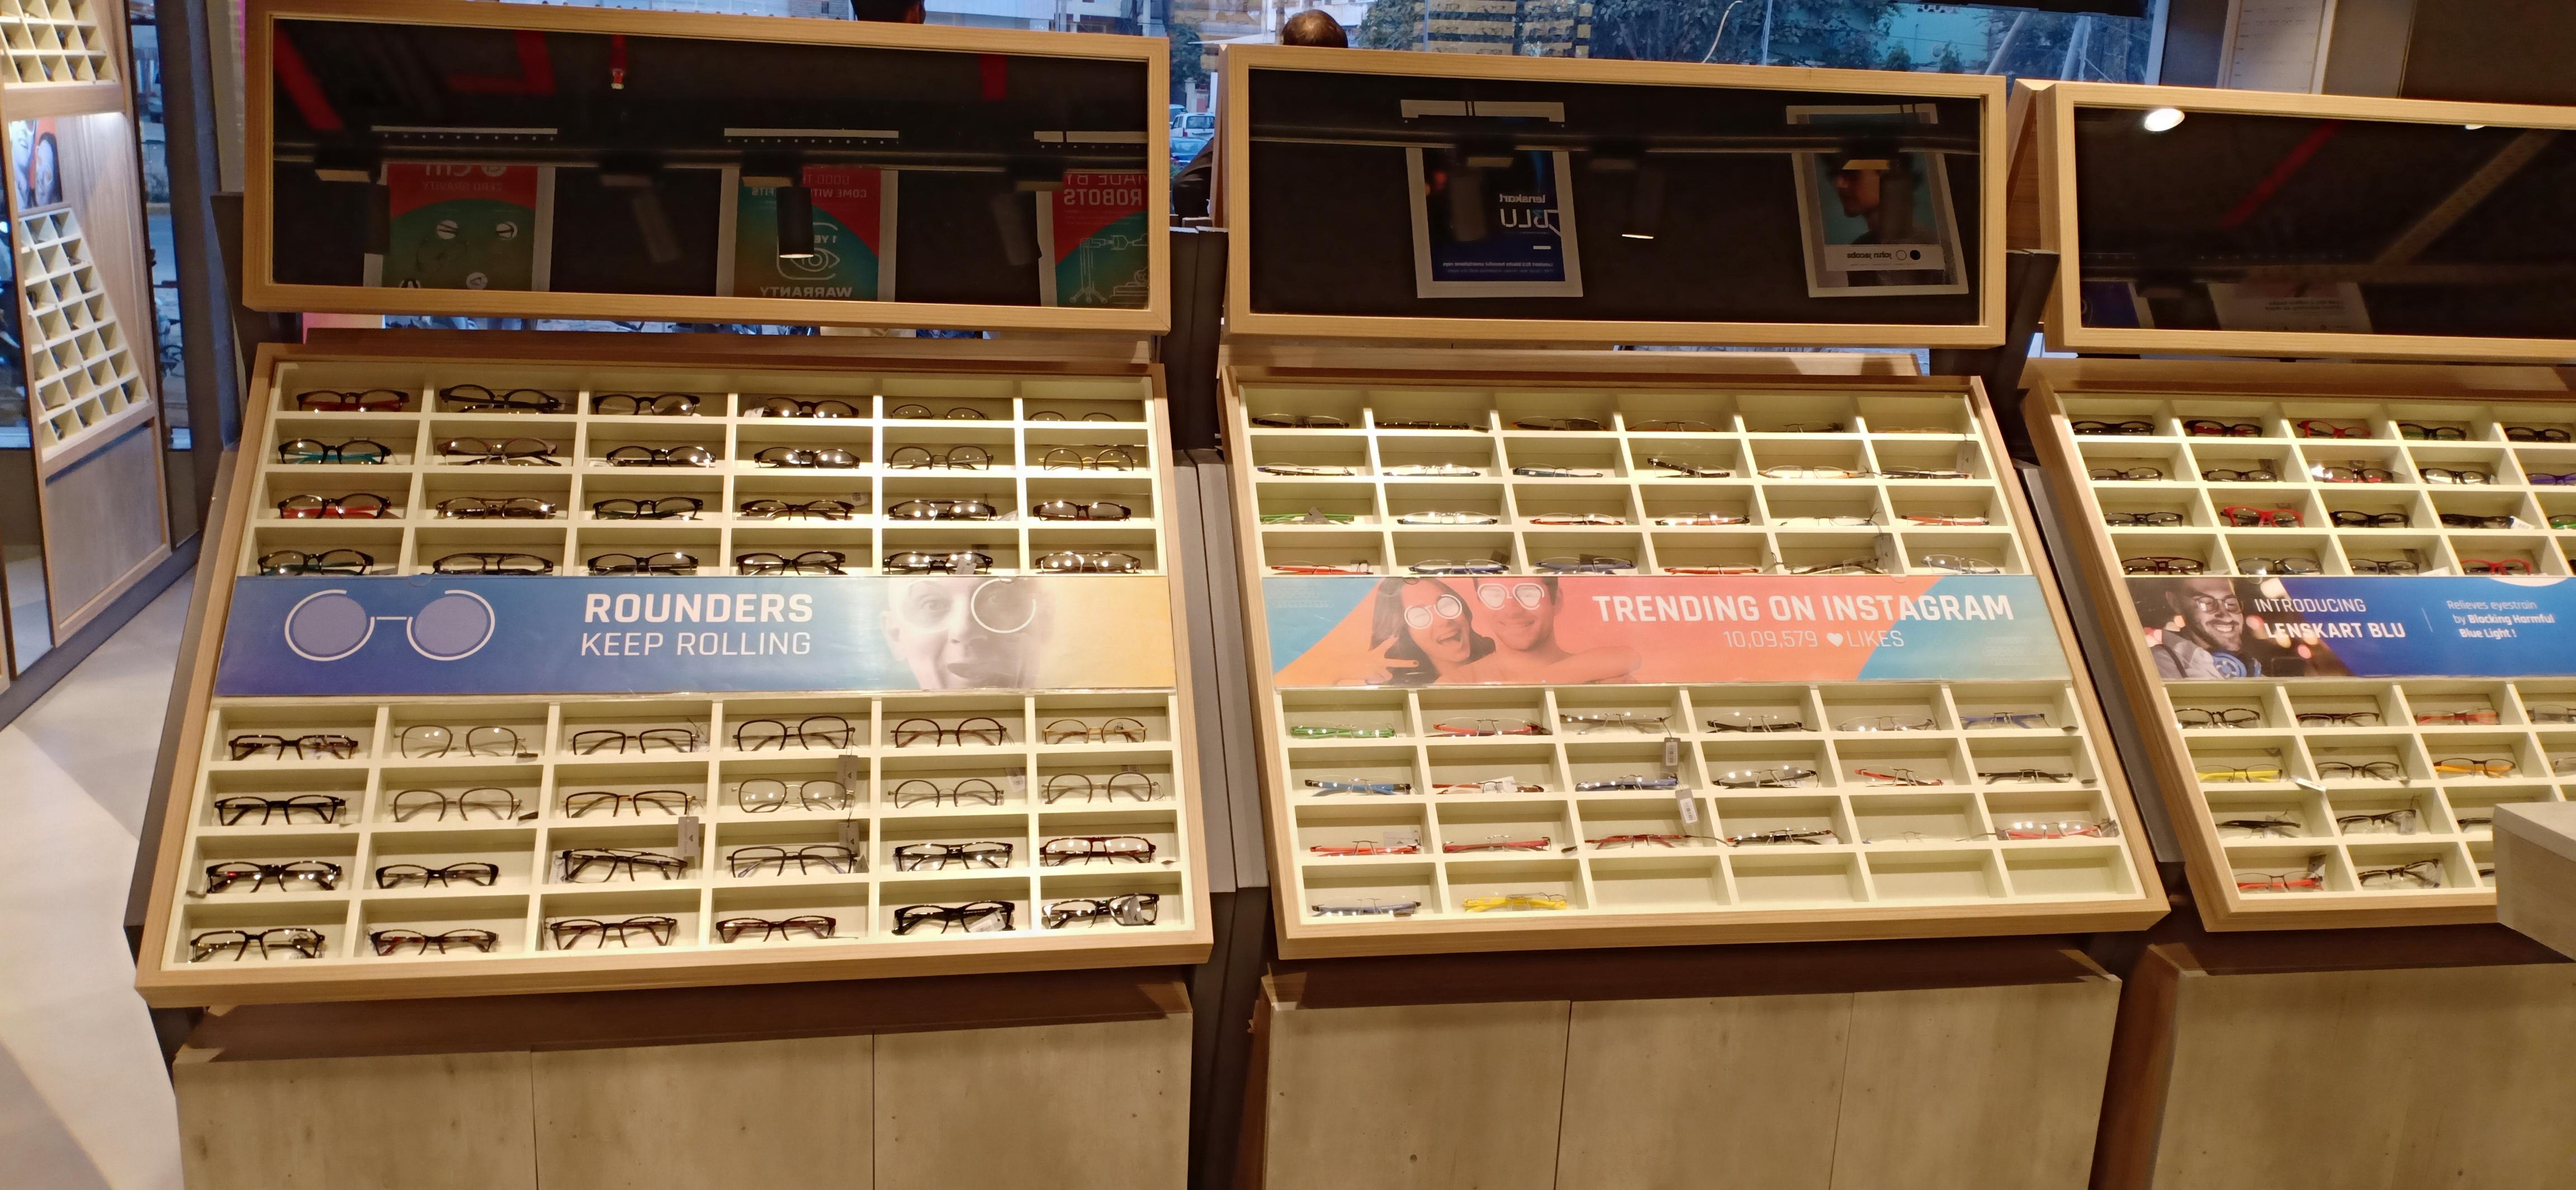 Lenskart.com - Ashok Nagar, Udaipur, Udaipur